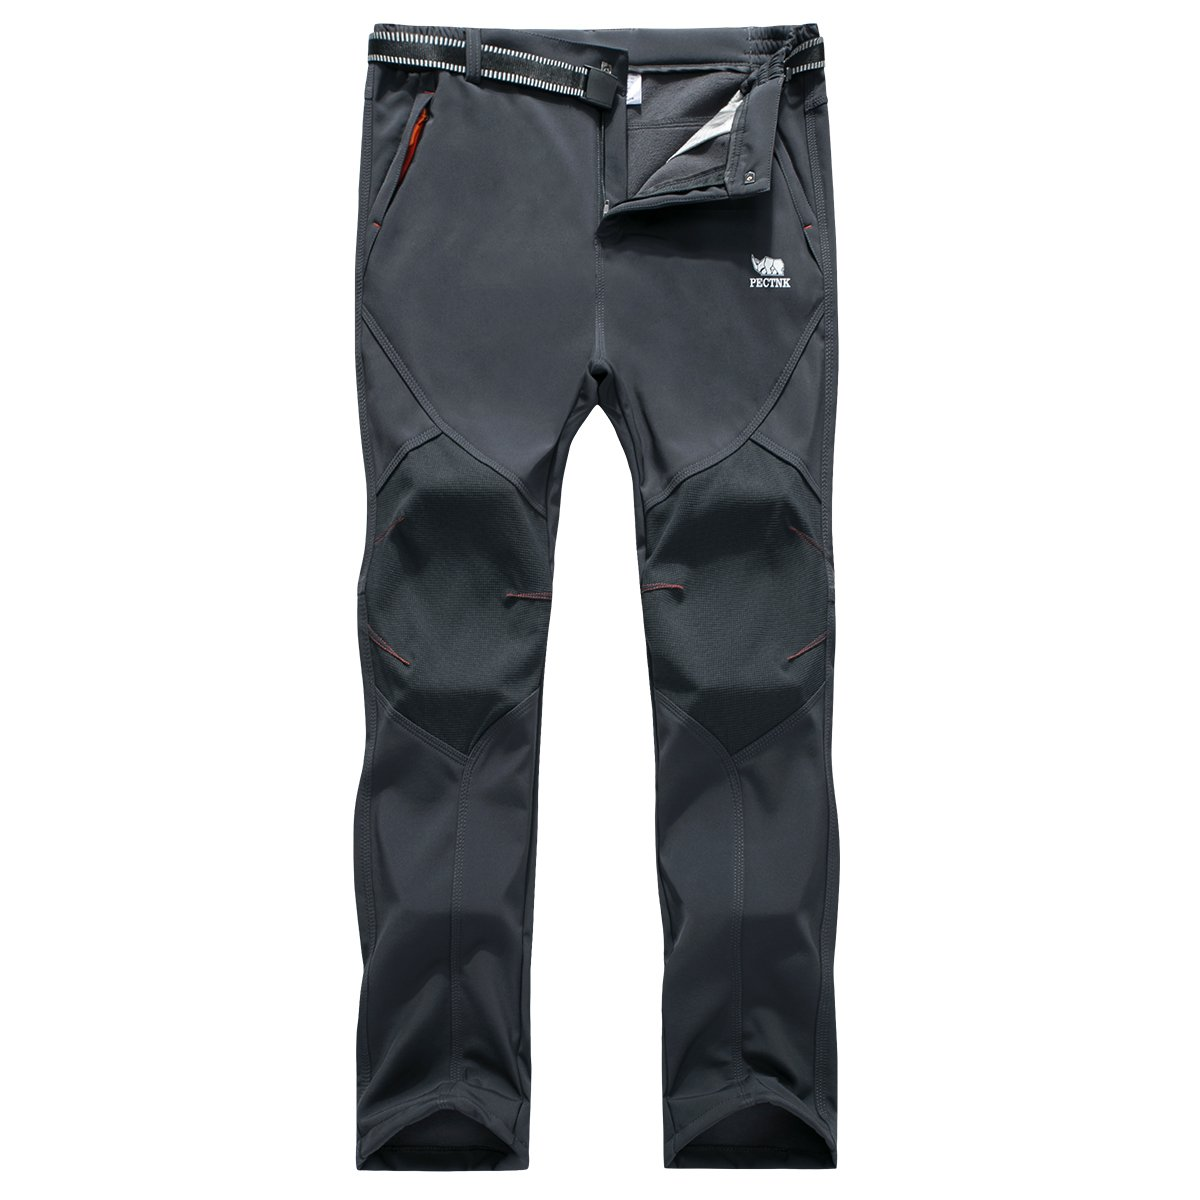 Los pantalones al aire libre de los hombres que son de fleece impermeable de c¨¢scara blanda PECTNK